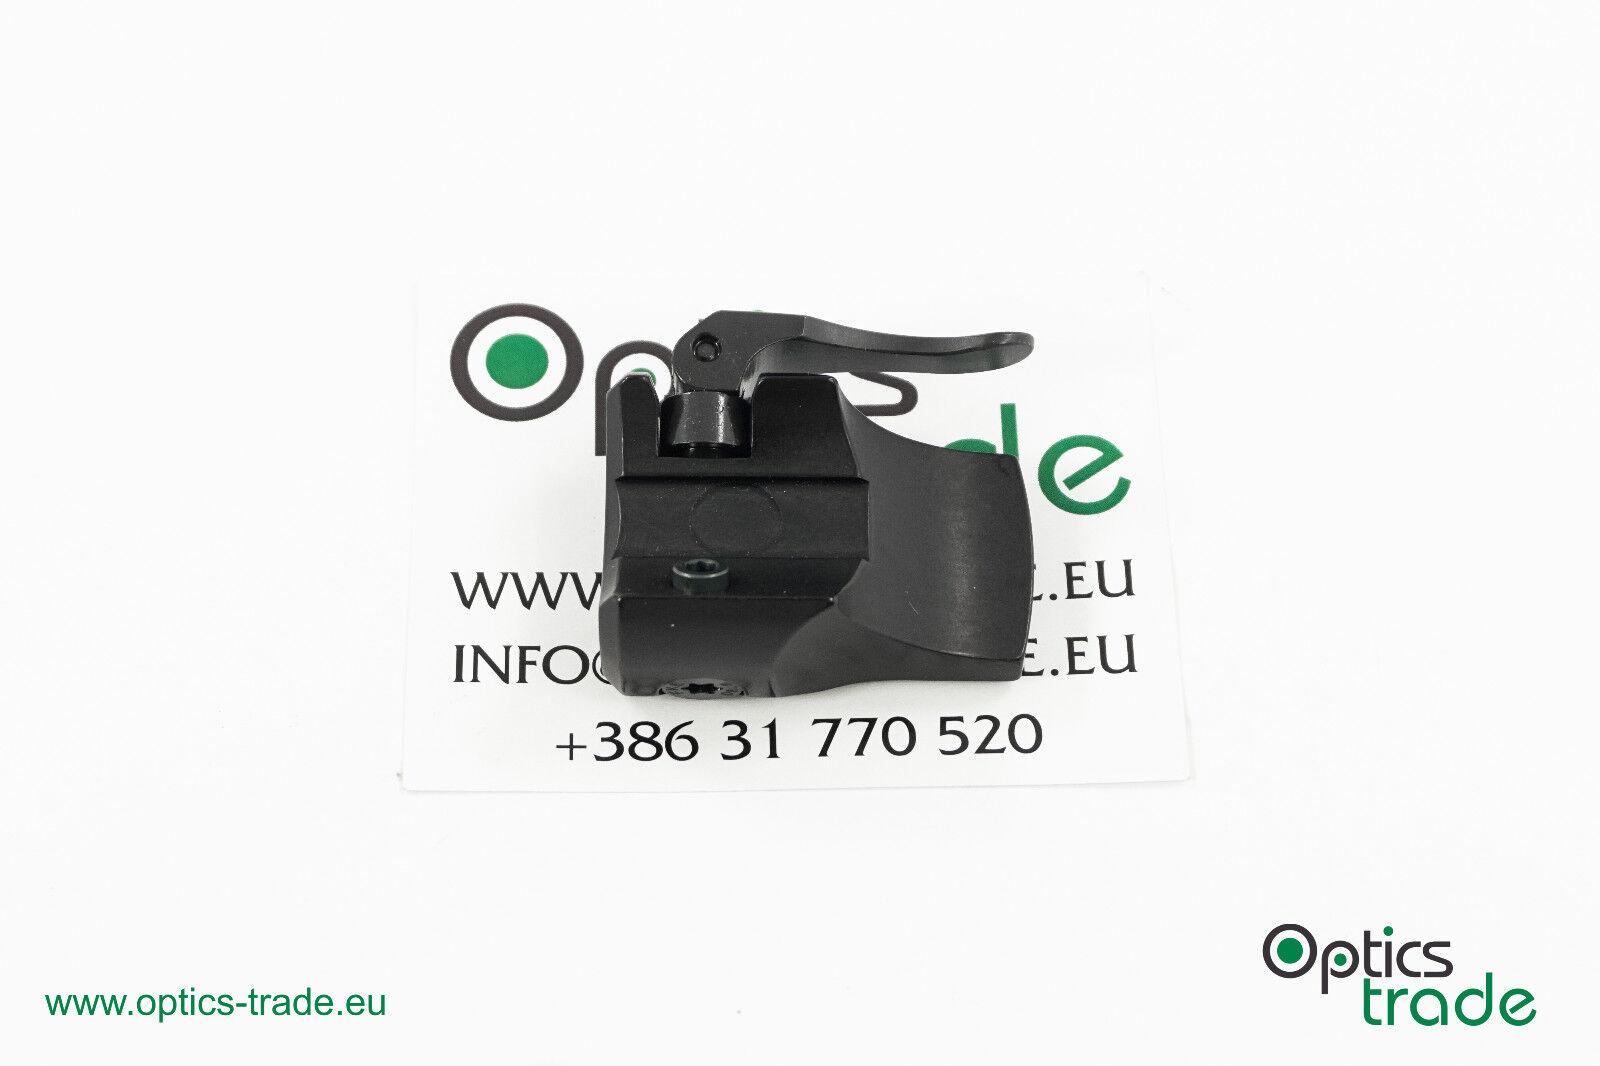 Eaw Adaptador para Blaser R8 con con con palanca ajustable, Docter-vista 92b5b8